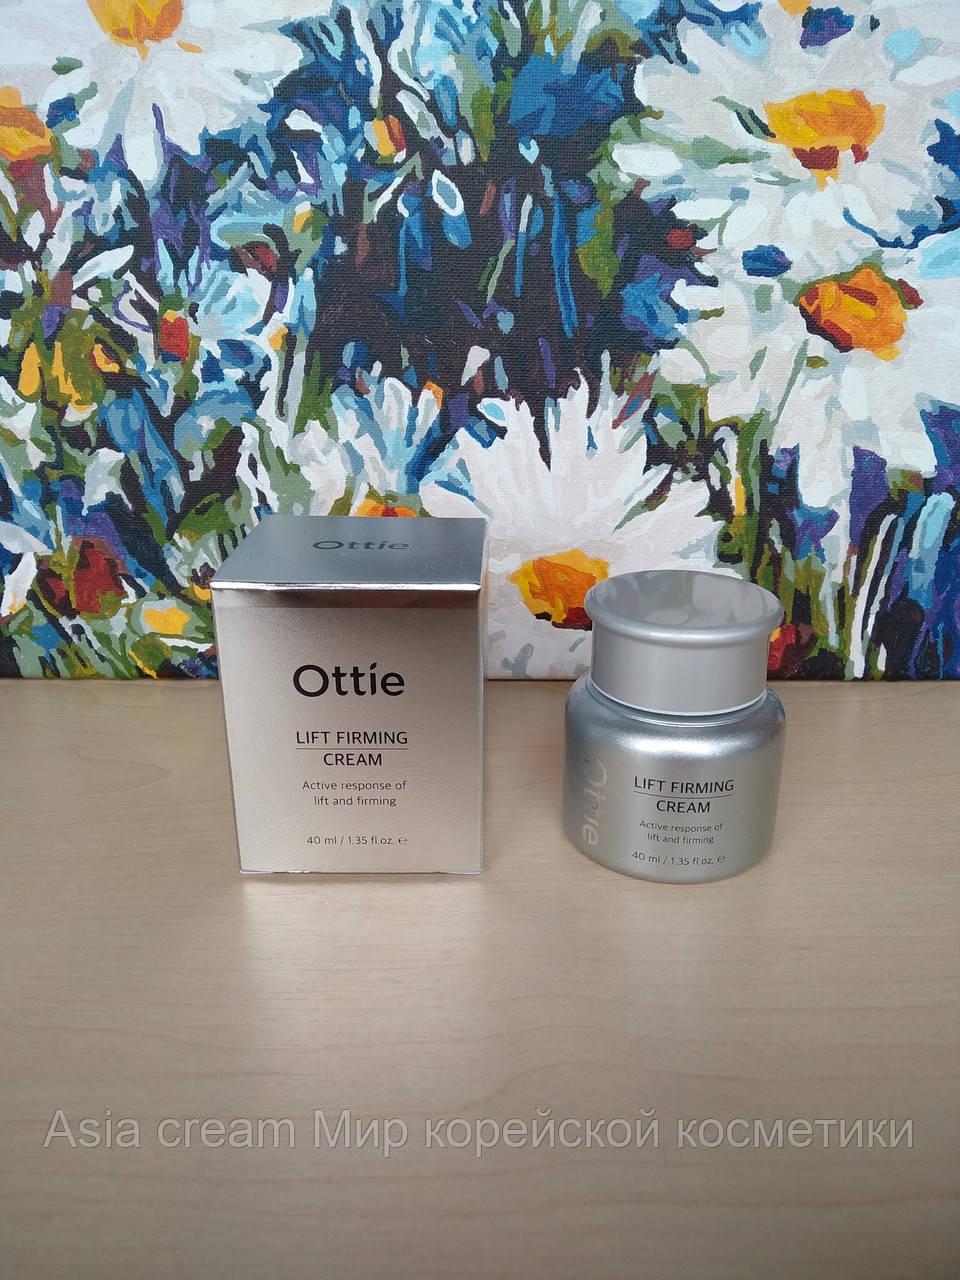 Антивозрастной лифтинг крем для лица с пептидами Ottie Lift Firming Cream